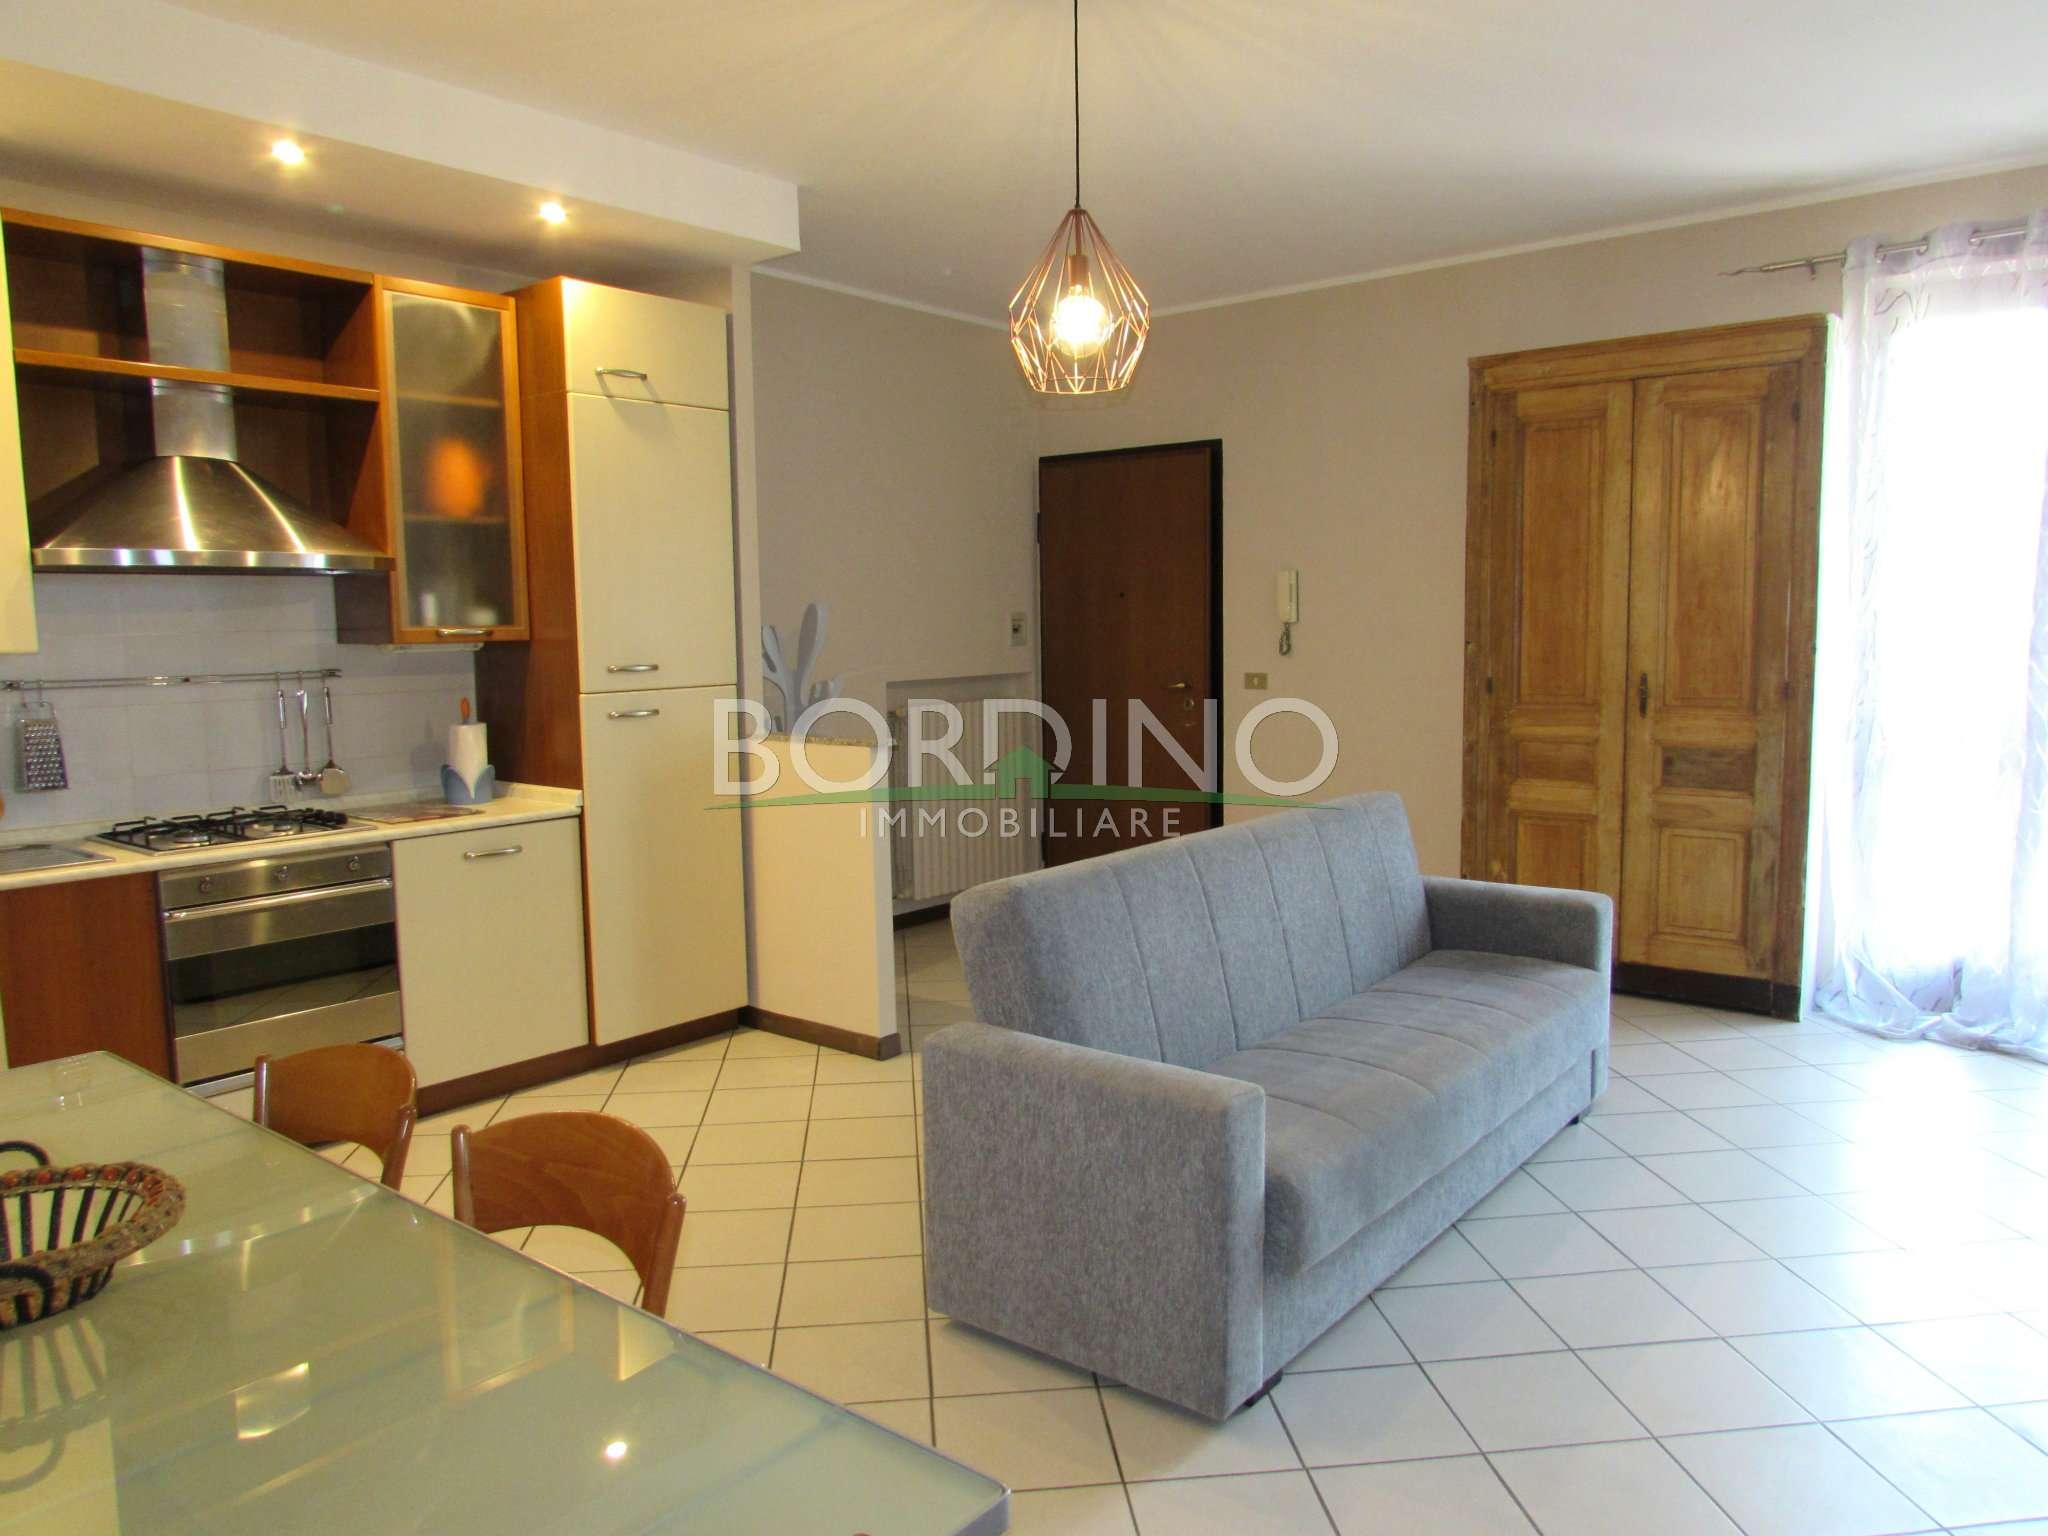 Appartamento in affitto a Magliano Alfieri, 2 locali, prezzo € 400 | CambioCasa.it